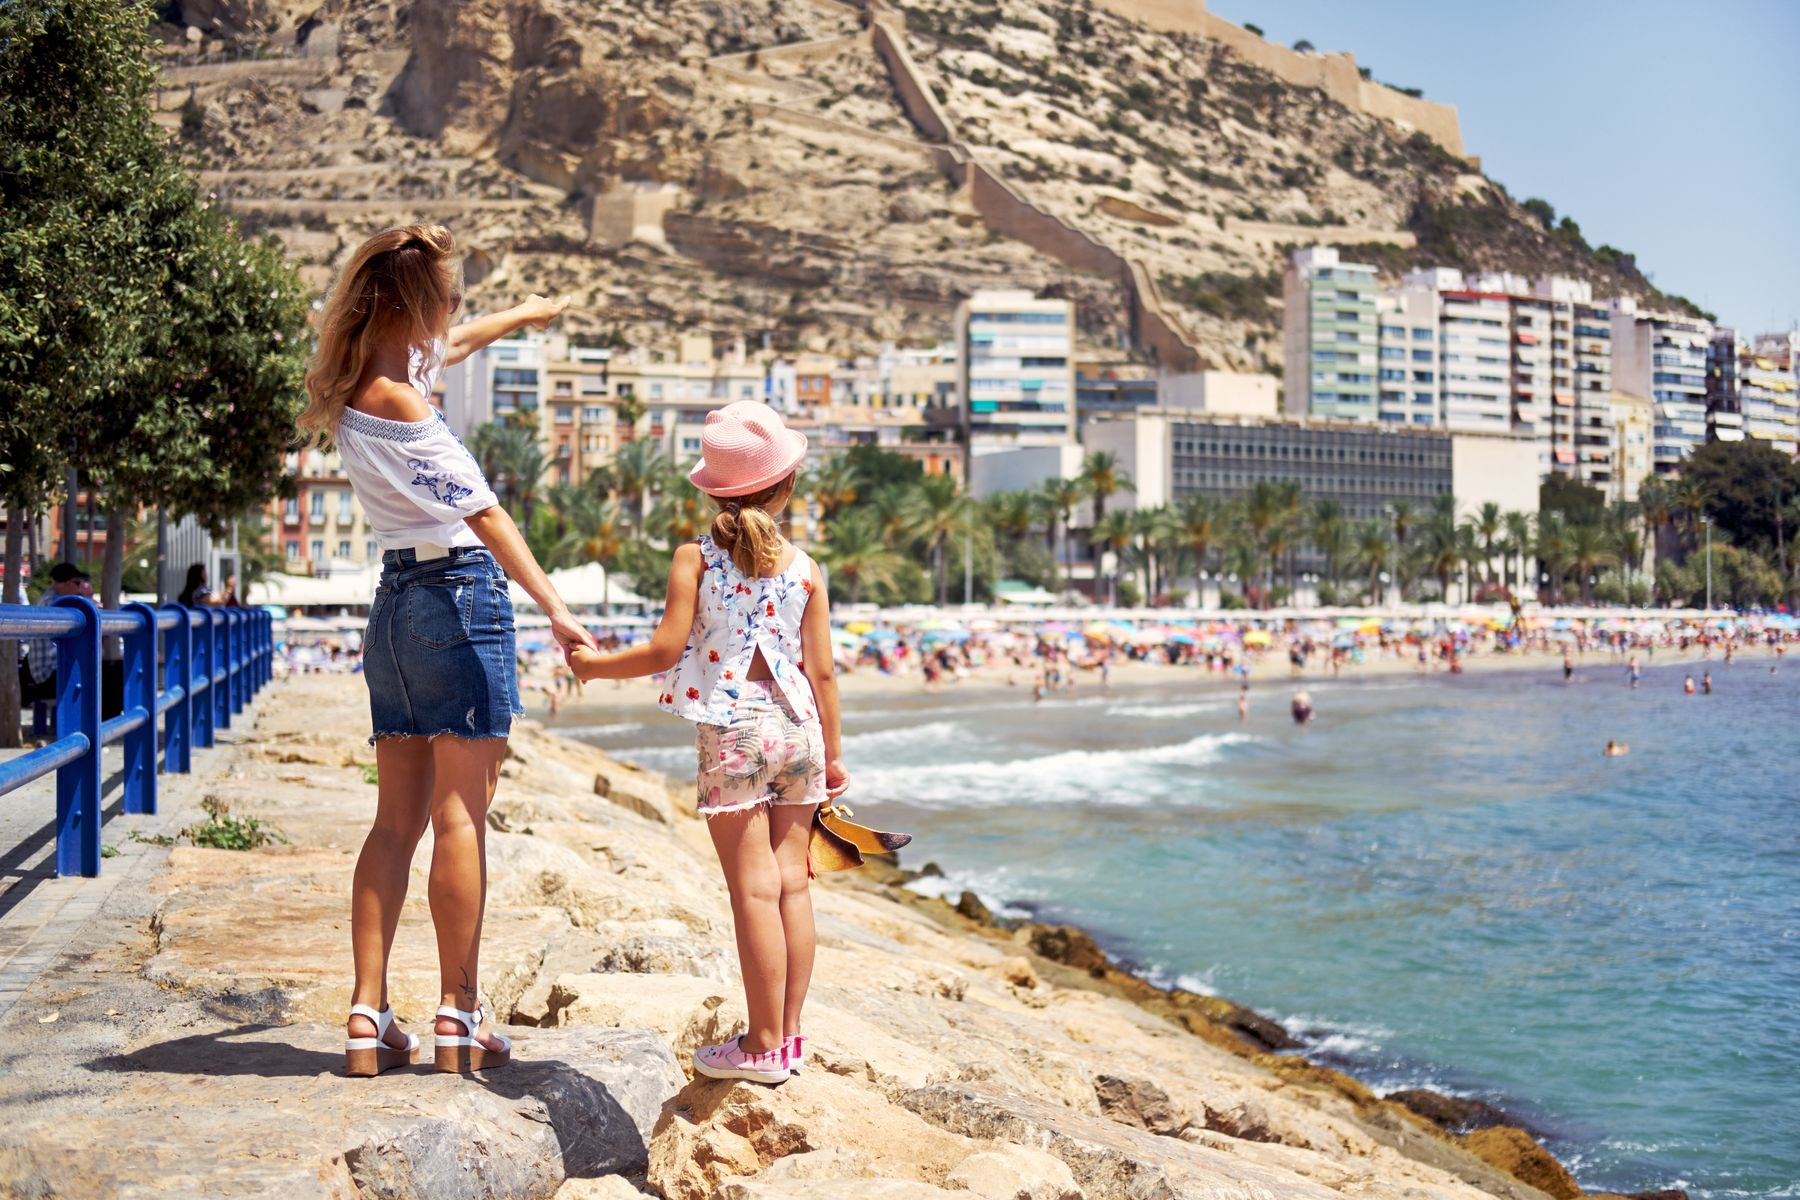 Mutter und Tochter im Sommerurlaub in Alicante, Spanien